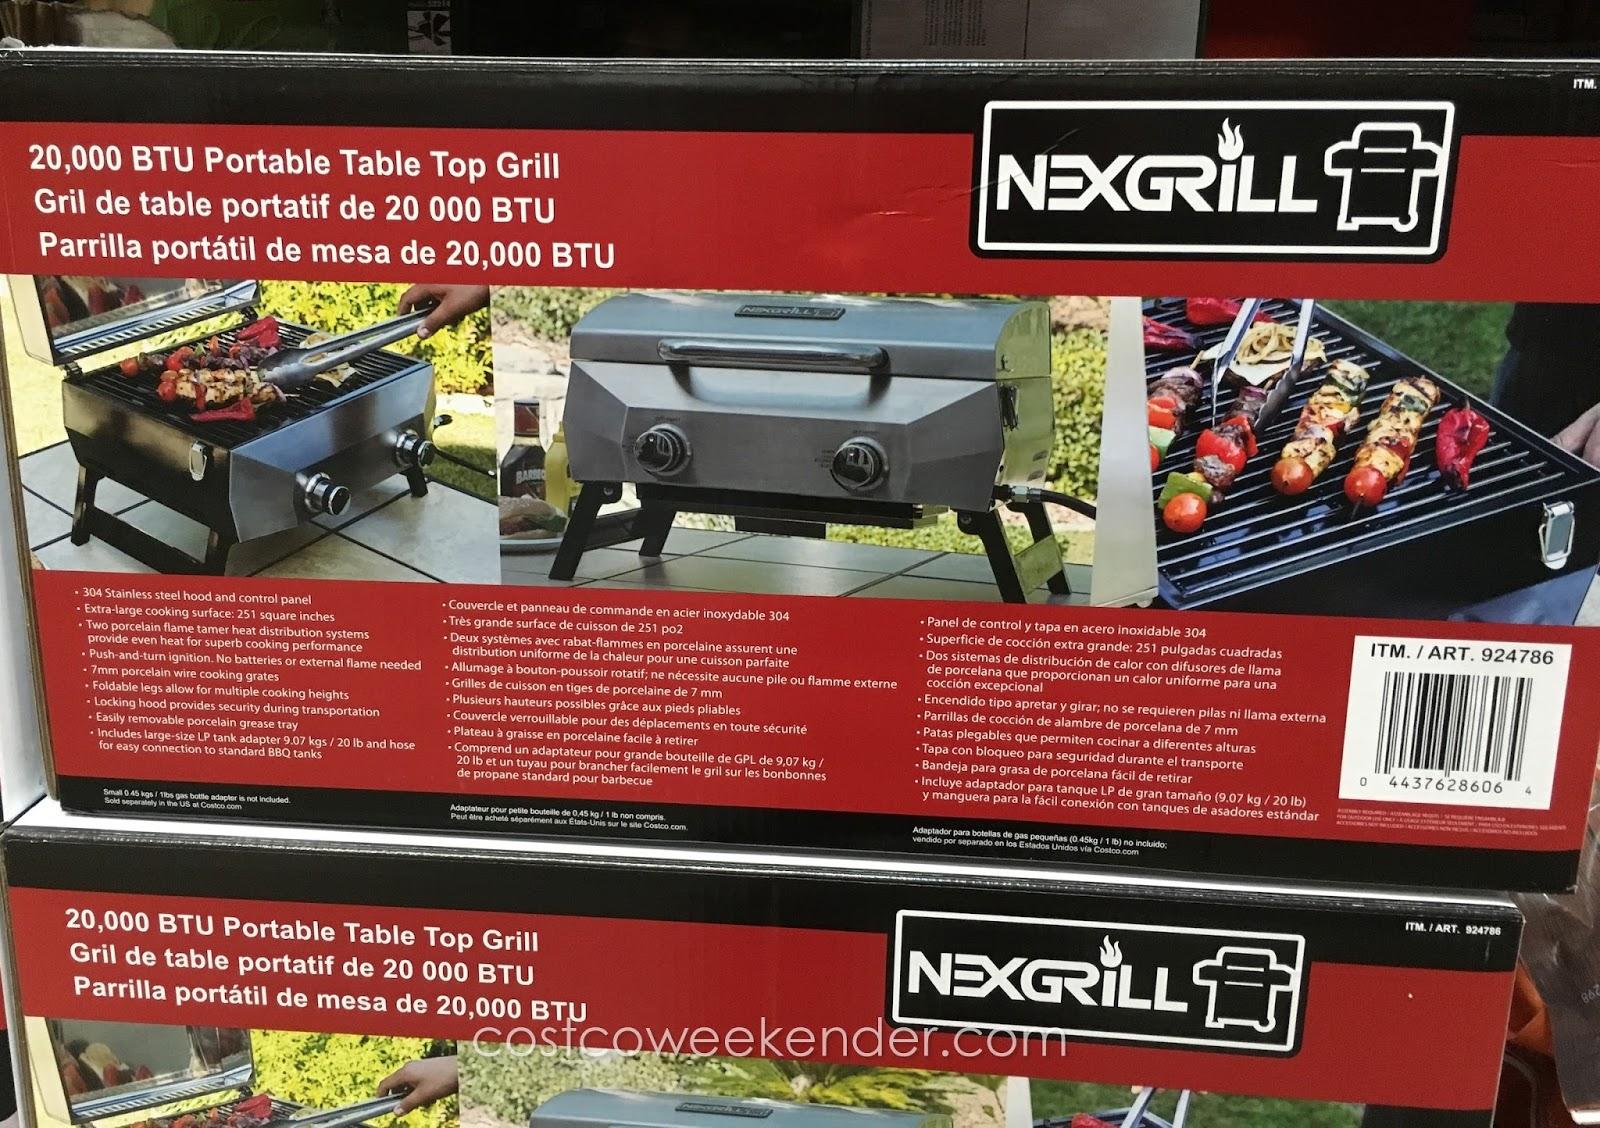 Costco Portable Bbq : Nexgrill btu portable table top grill costco